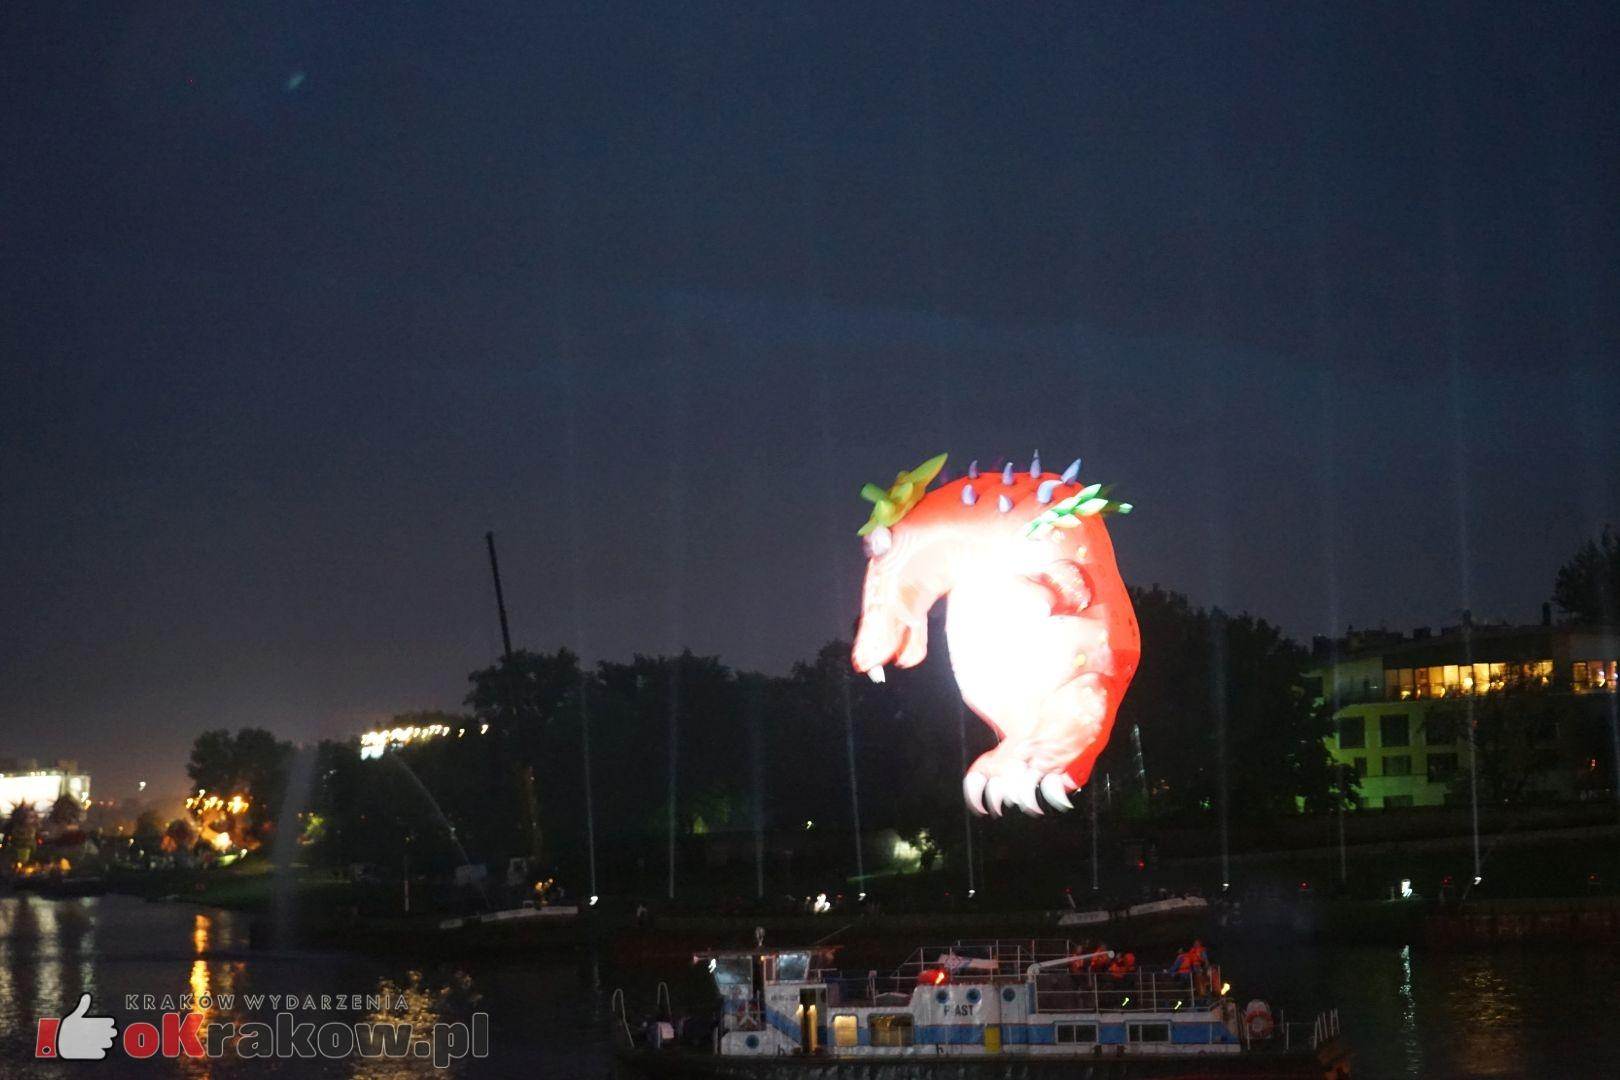 krakow wielkie widowisko na wisle zakole wisly pod wawelem 2019 6 150x150 - Galeria zdjęć z Widowiska Plenerowego na Wiśle 2019 (zakole Wisły pod Wawelem)